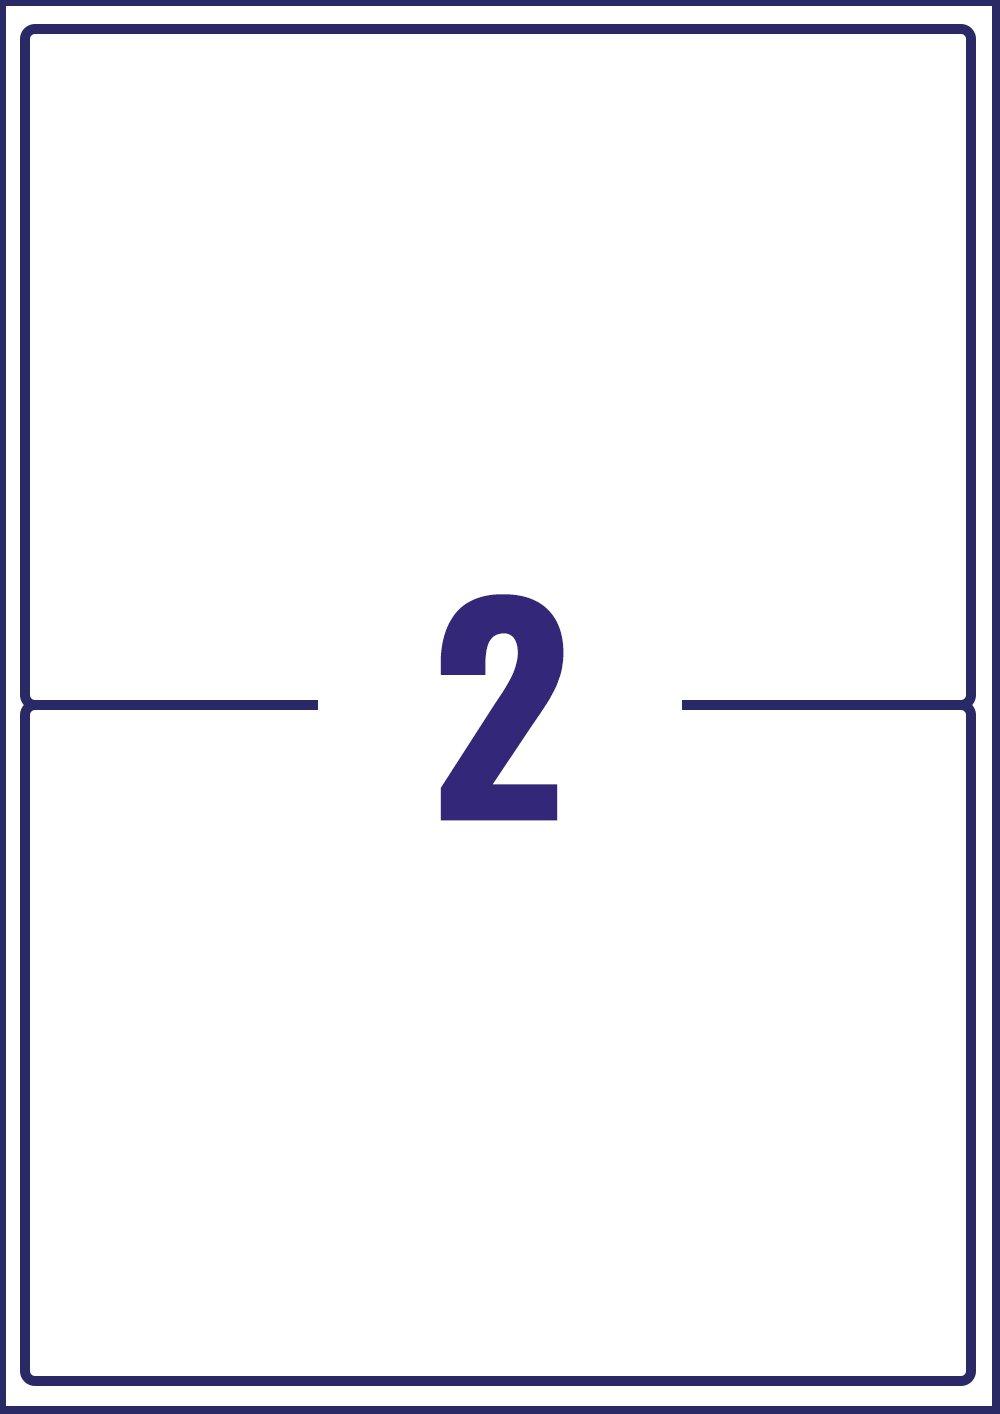 AVERY Zweckform schnelltrocknende Adressetiketten f/ür Tintenstrahldrucker 14 pro Blatt 99,1 x 38,1 mm 350 Etiketten wei/ß